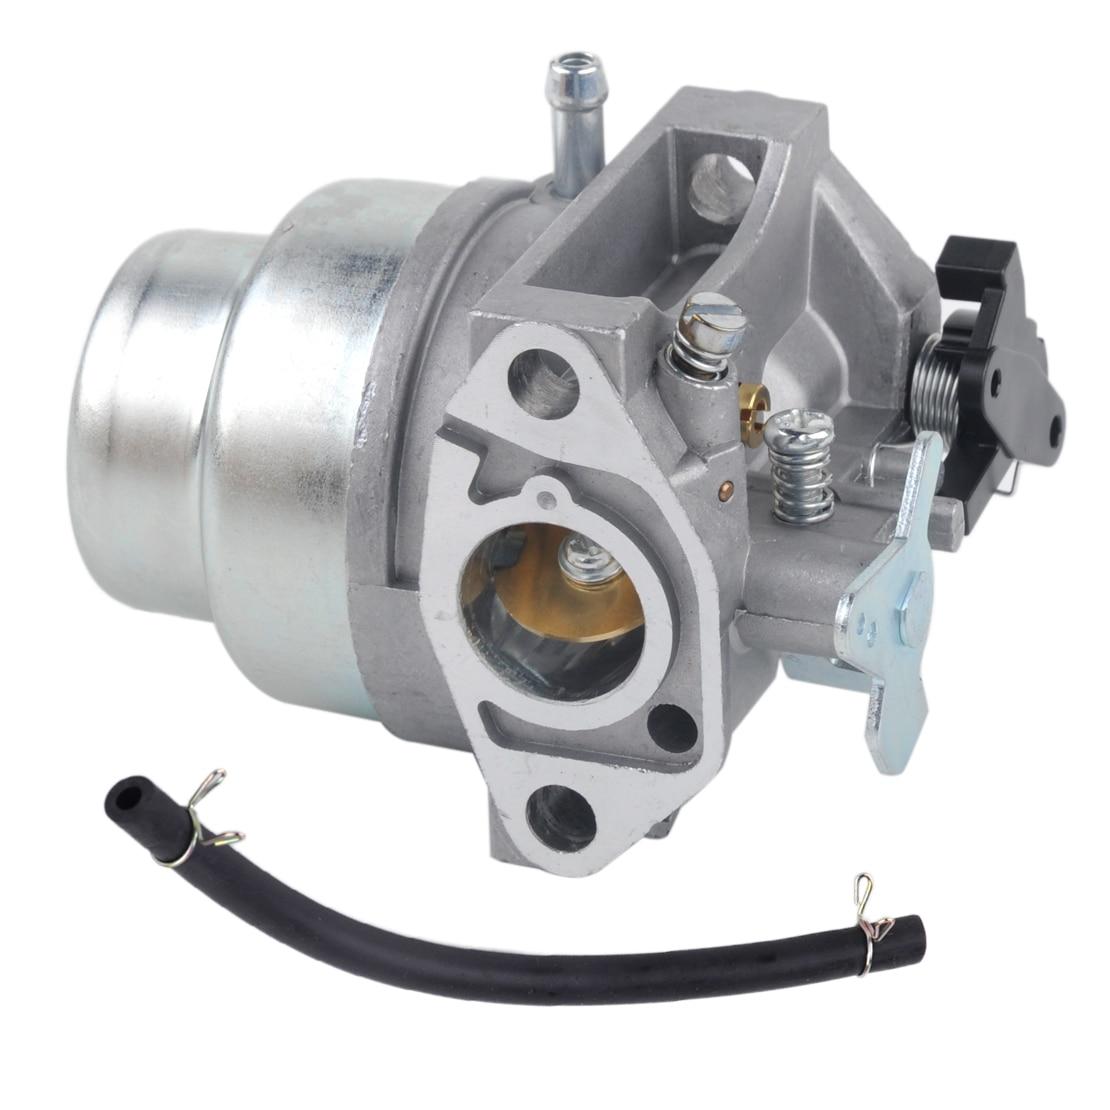 LETAOSK Carburetor Carb Fit For Honda GCV160 HRB216 HRS216 HRR216 HRT216 16100-Z0L-023 Lawn Mower